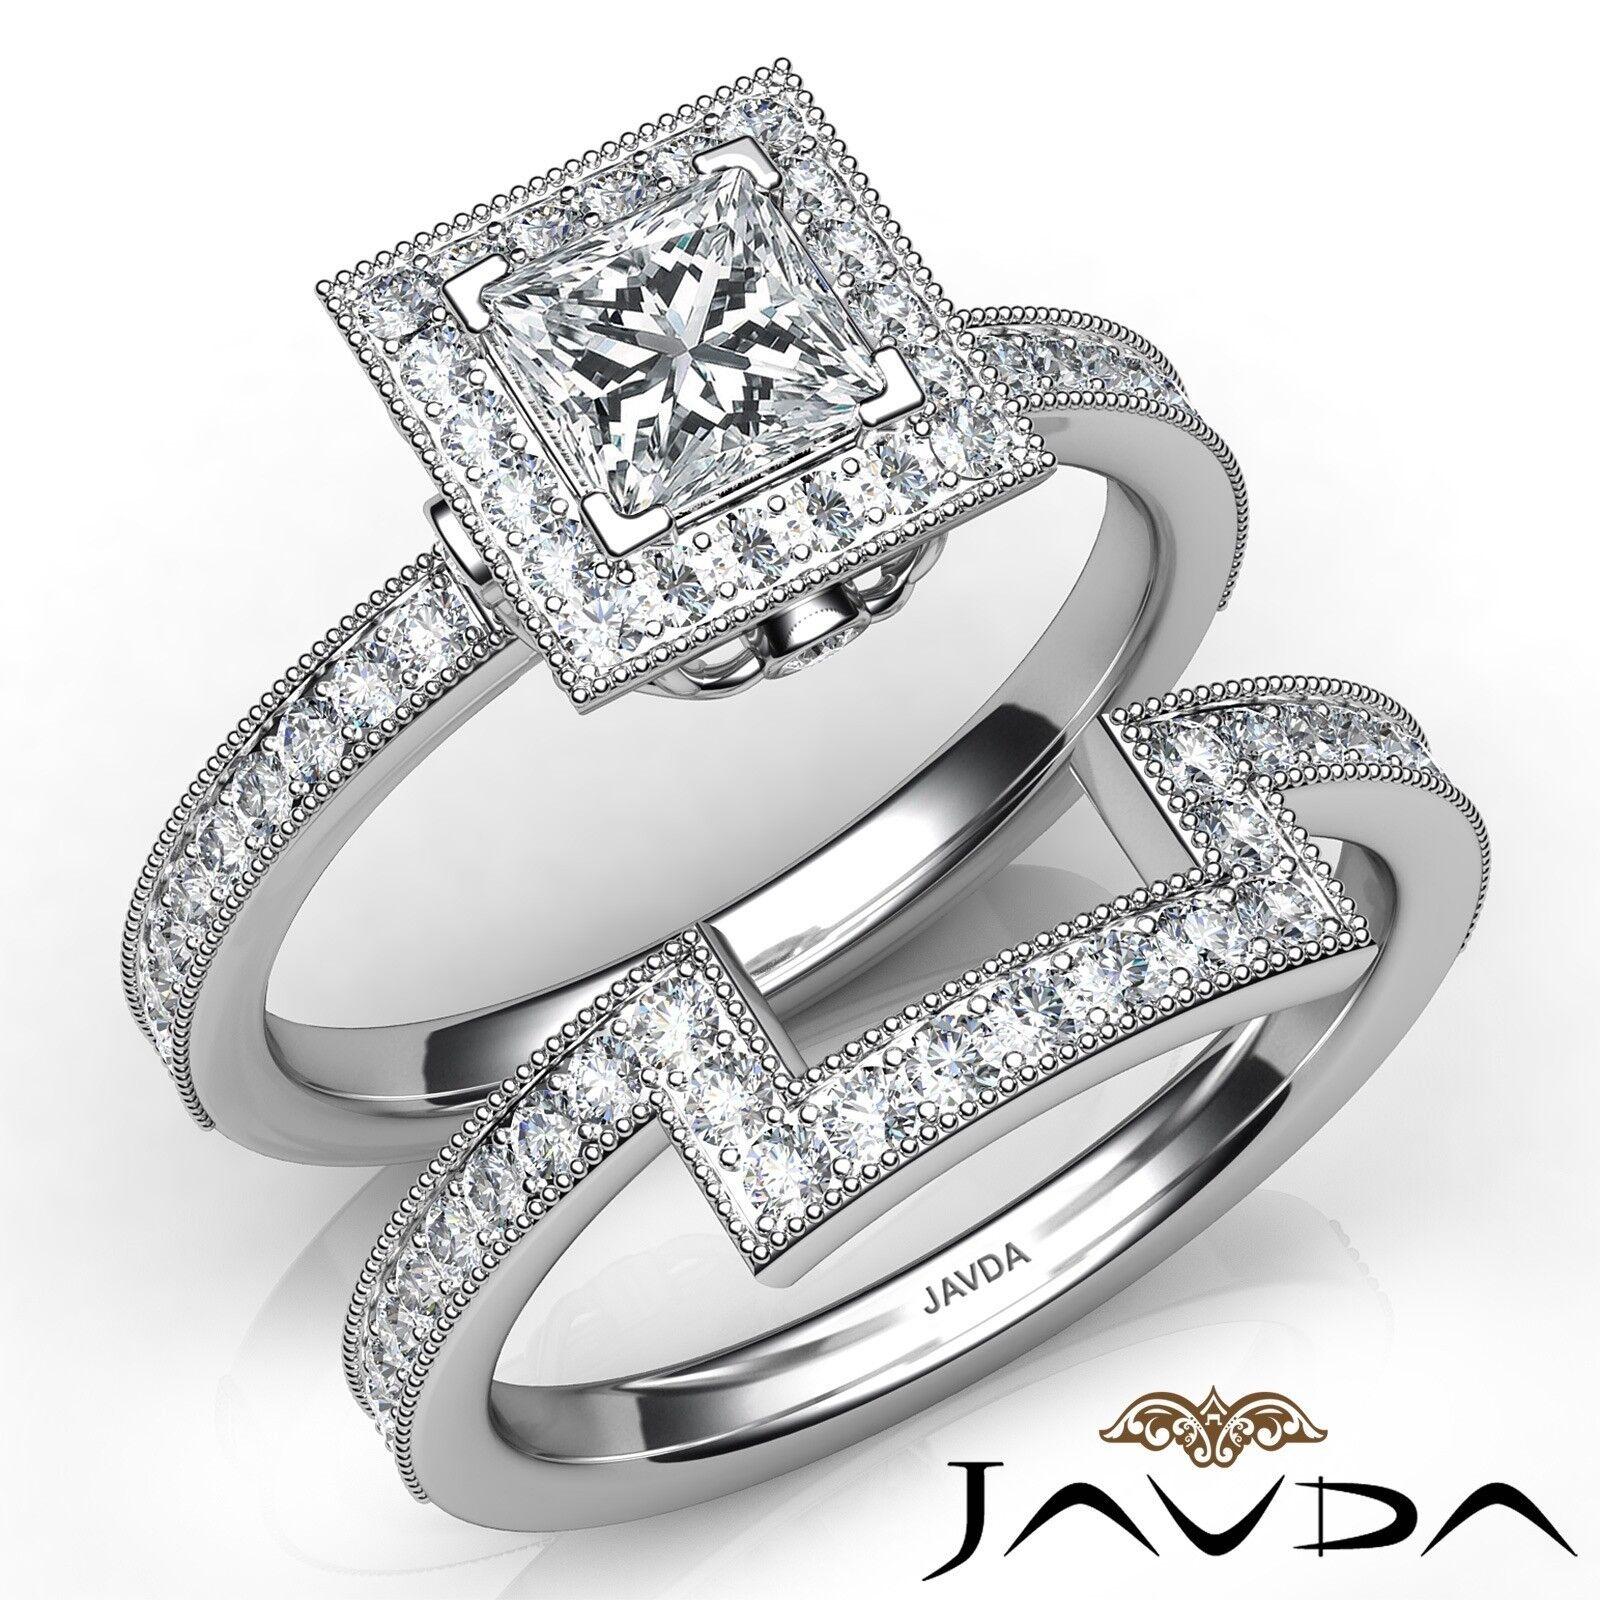 1.52ctw Milgrain Edge Bridal Princess Diamond Engagement Ring GIA E-SI1 W Gold